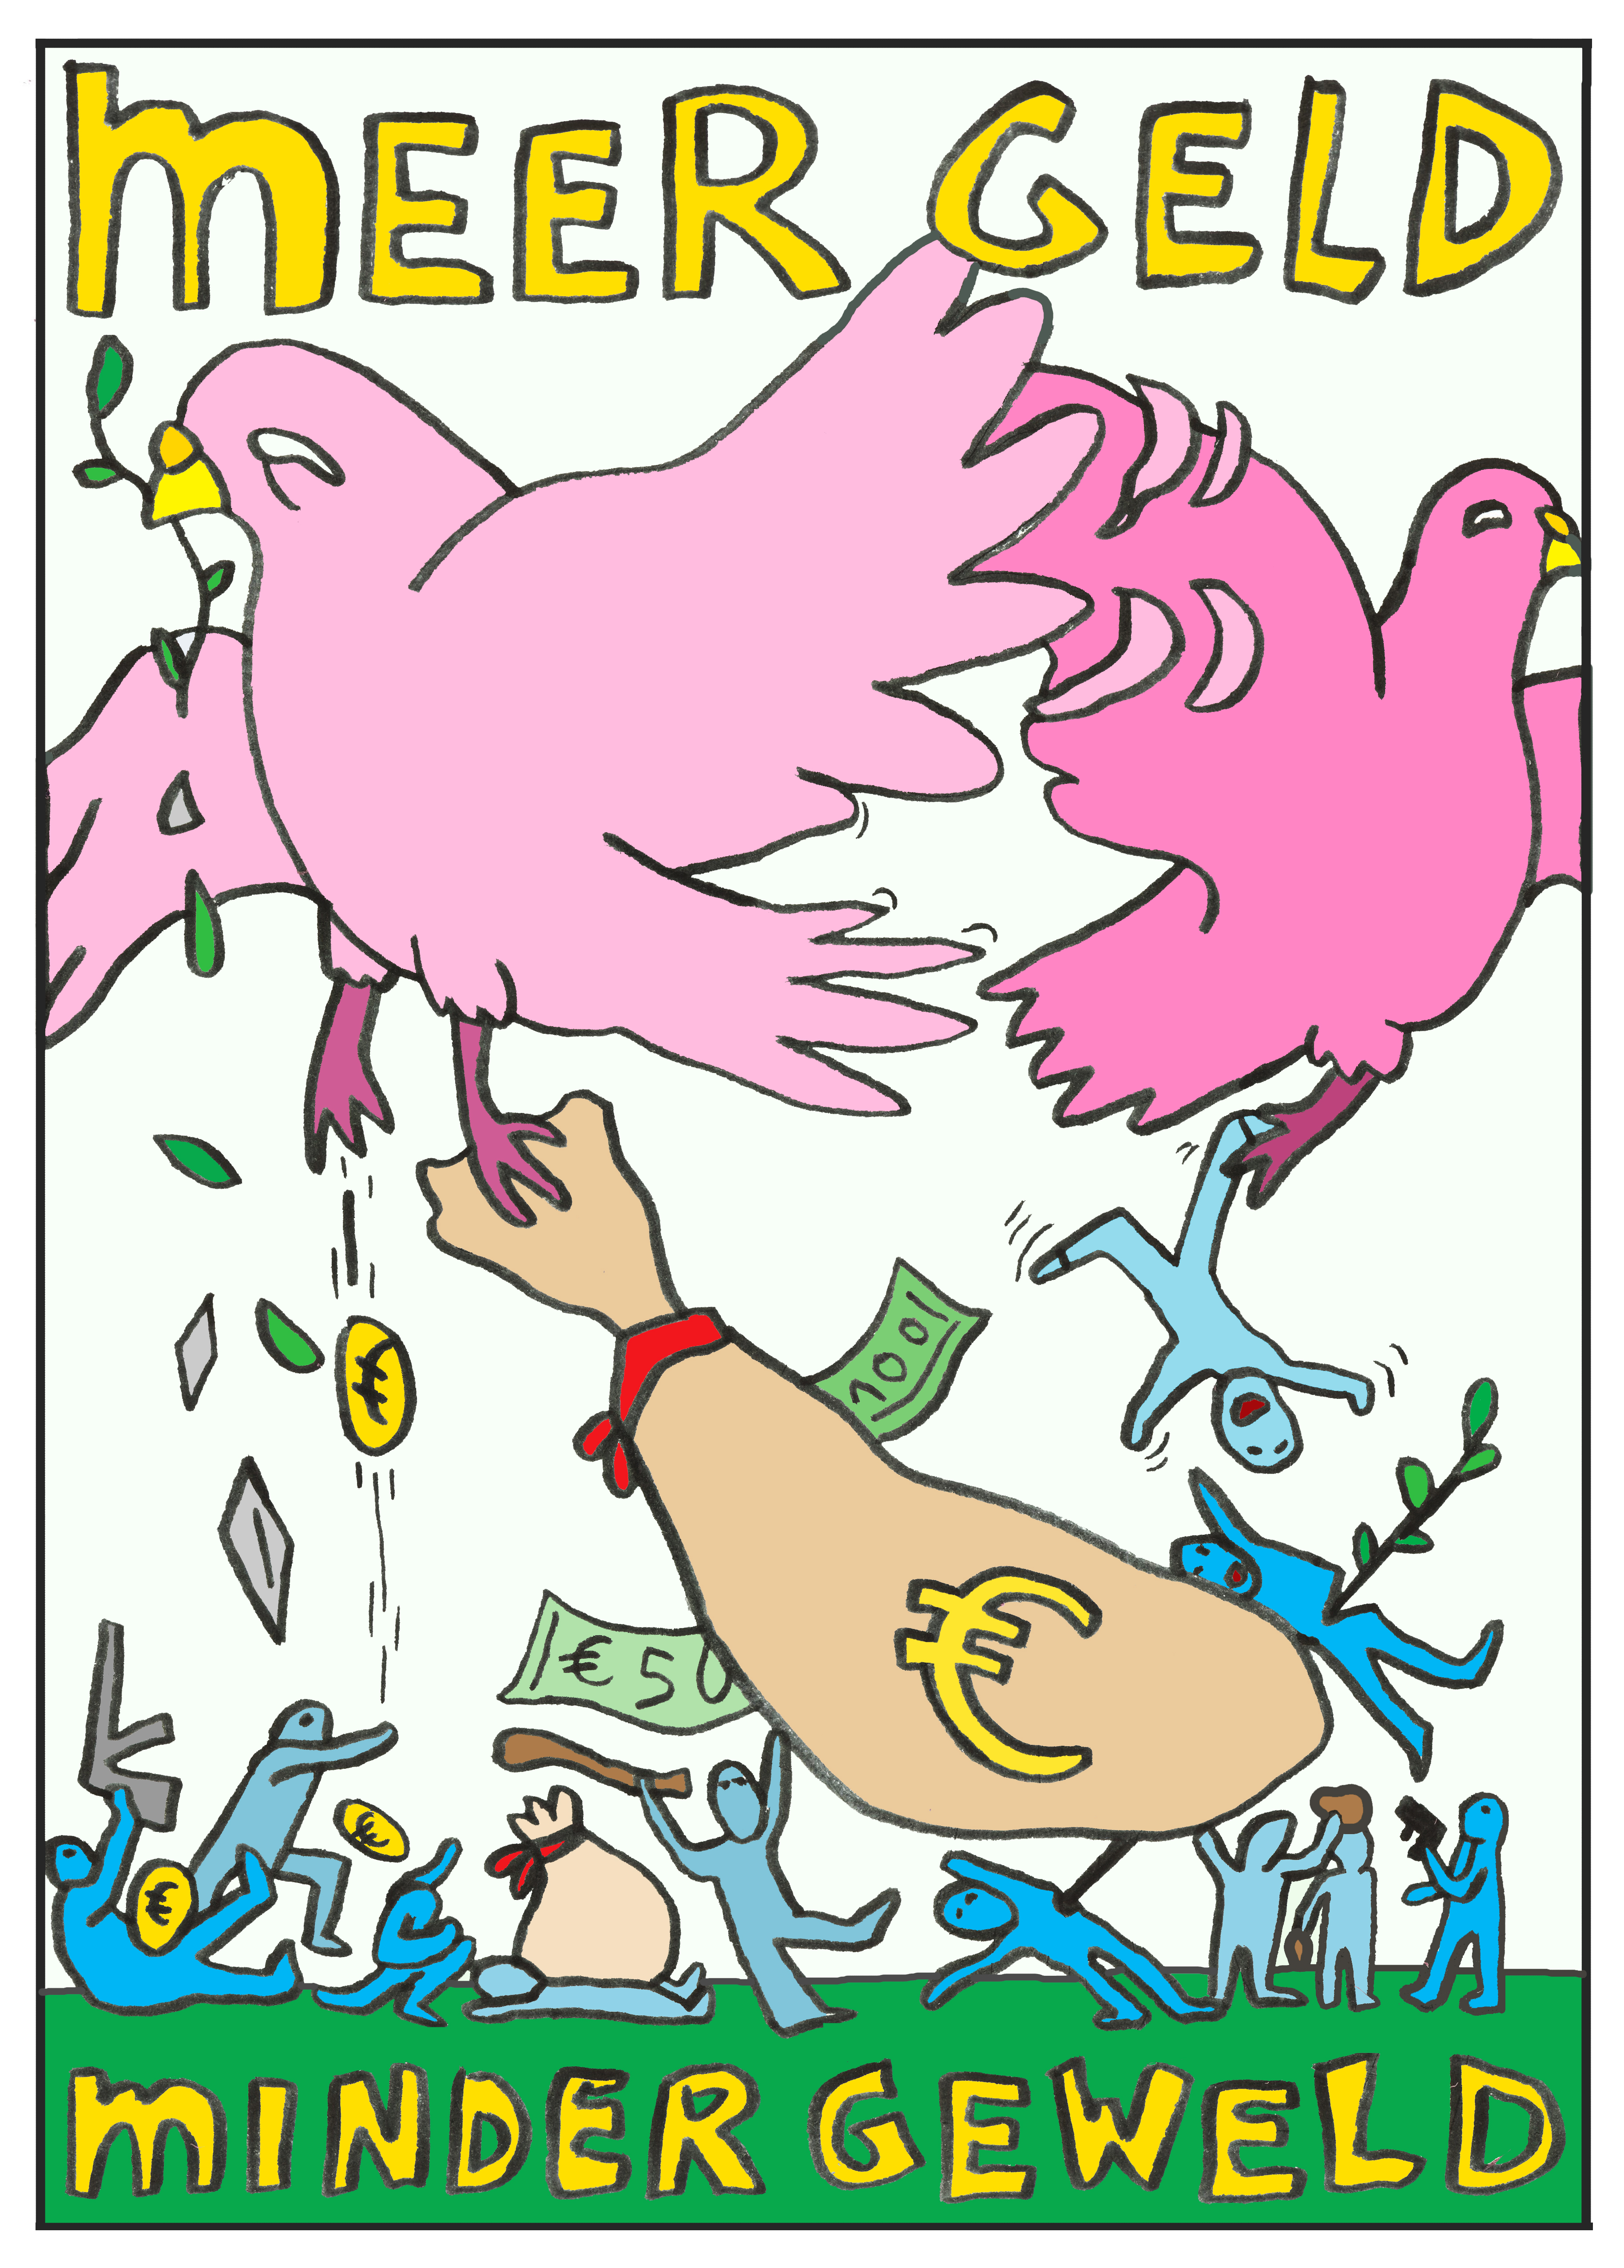 meer geld minder geweld